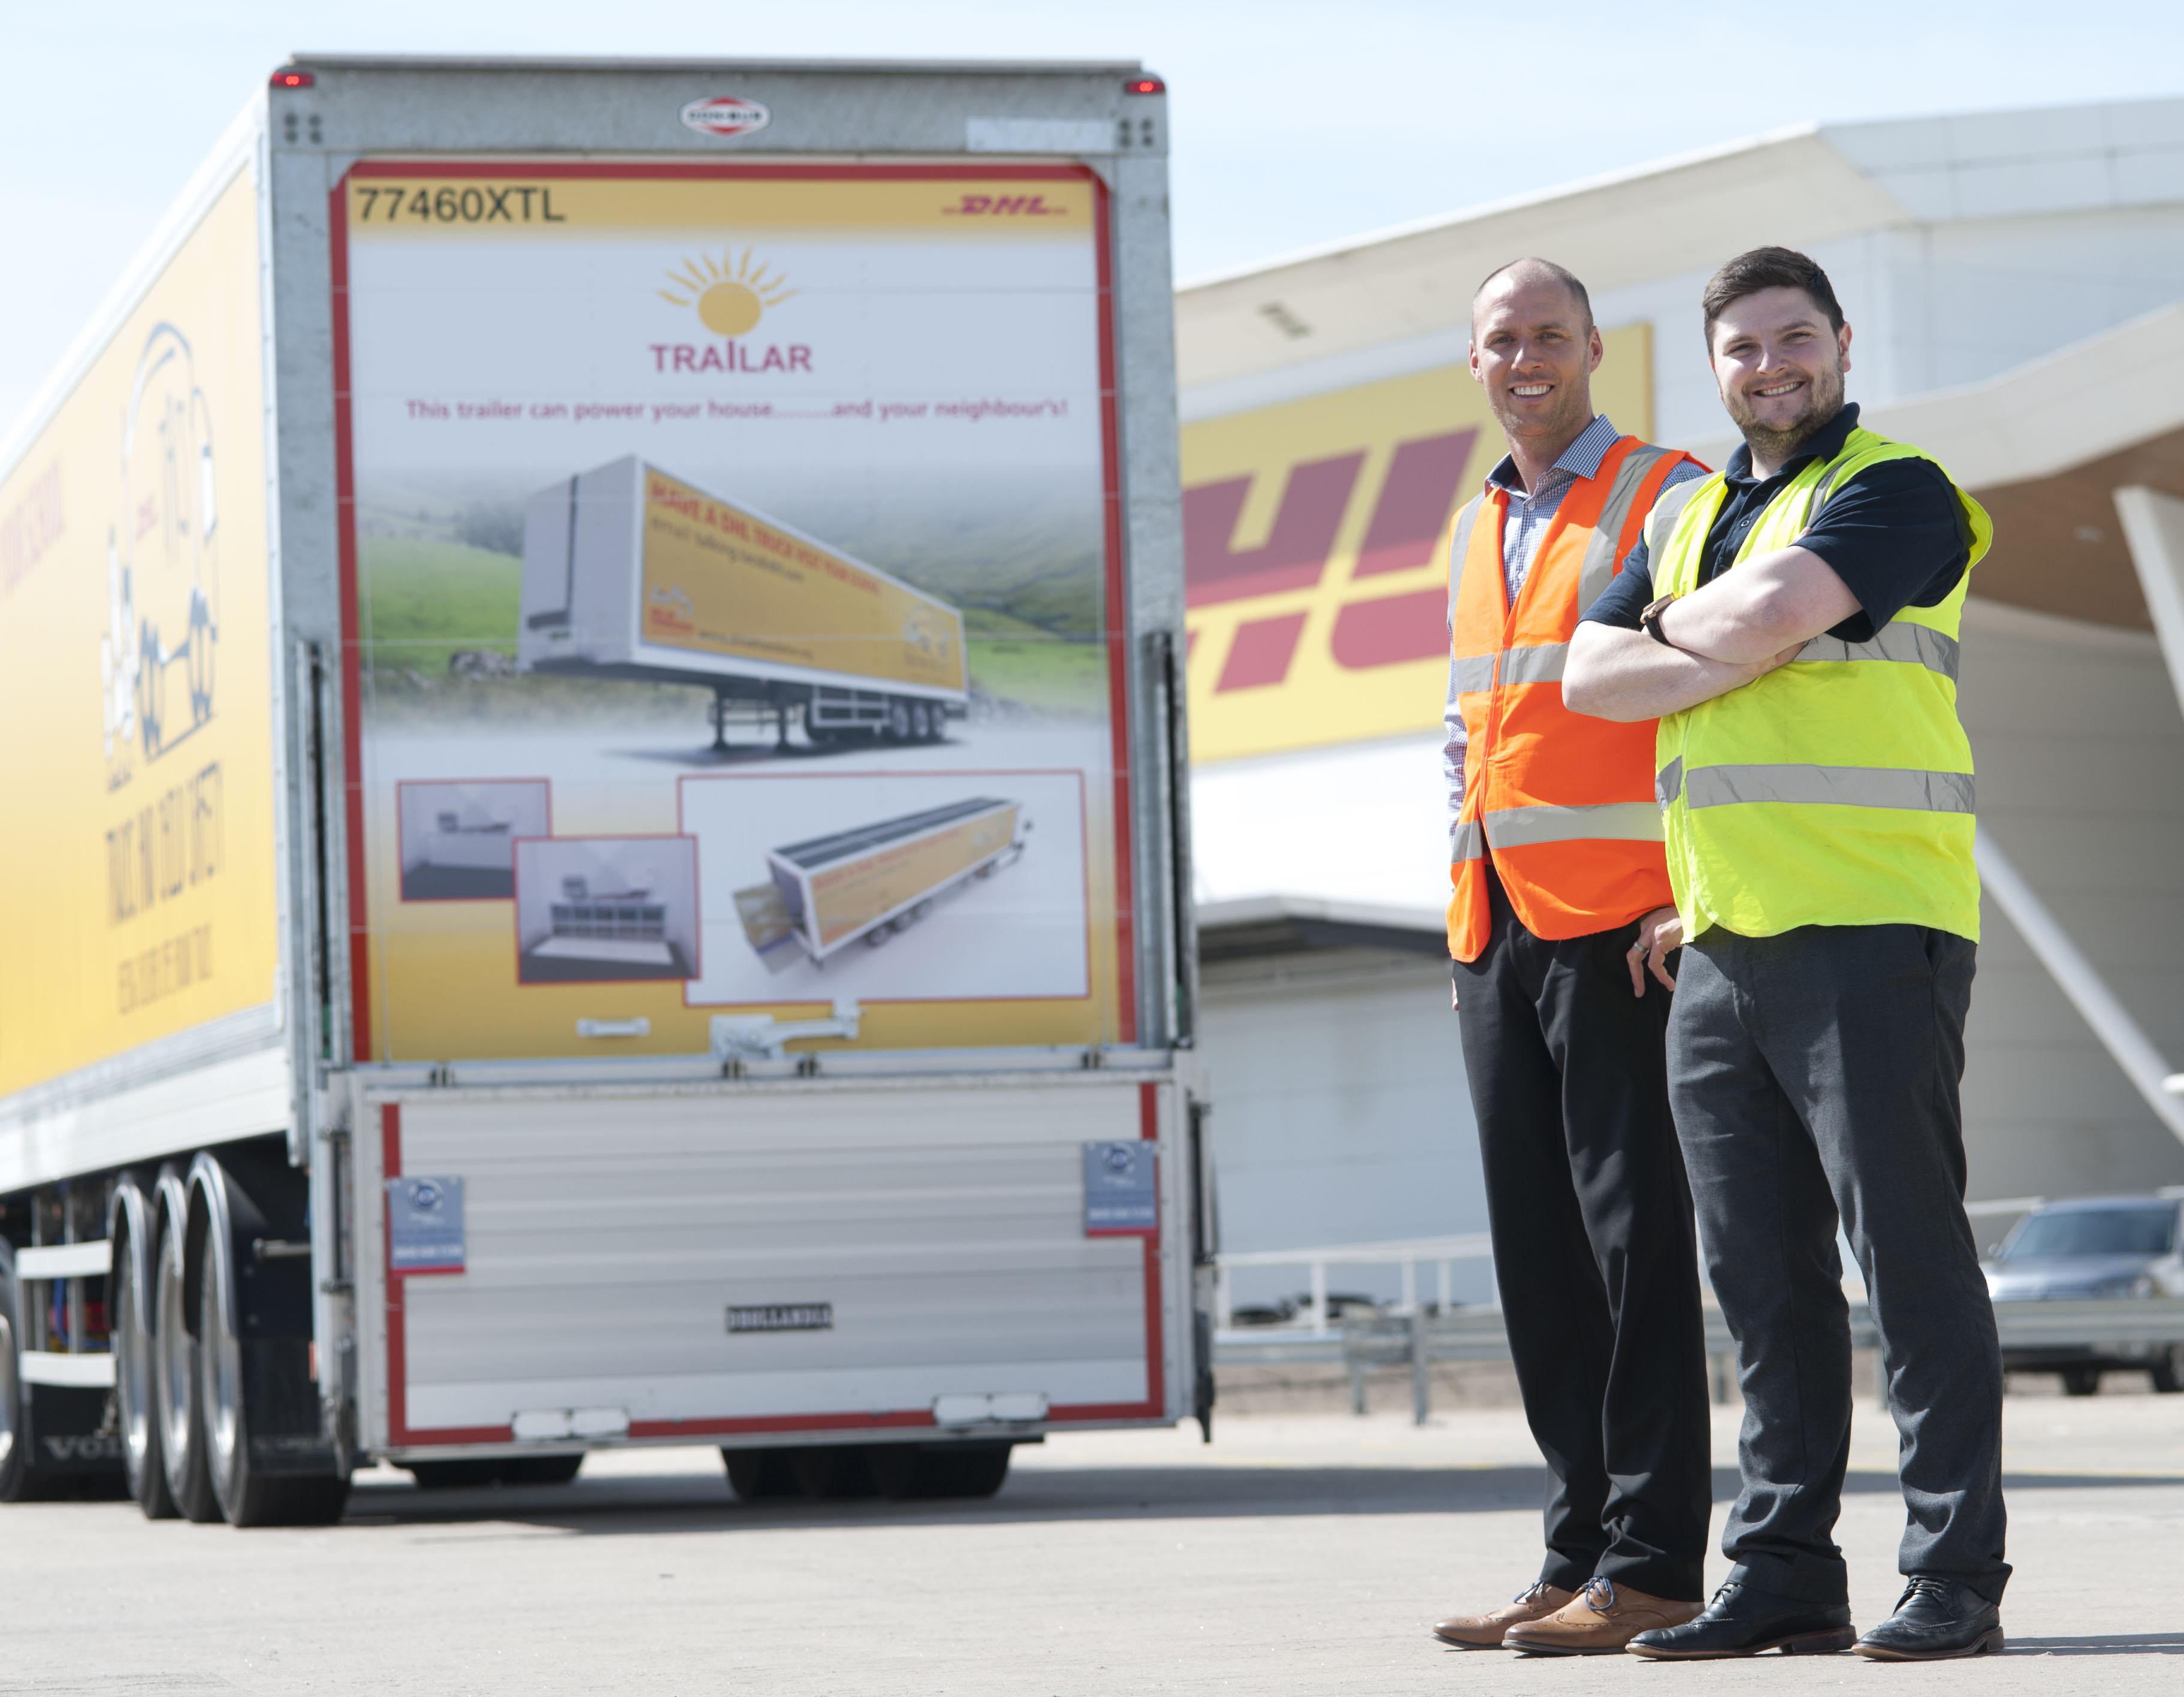 TRAILAR, sistema de energía solar para camiones Deutsche Post DHL